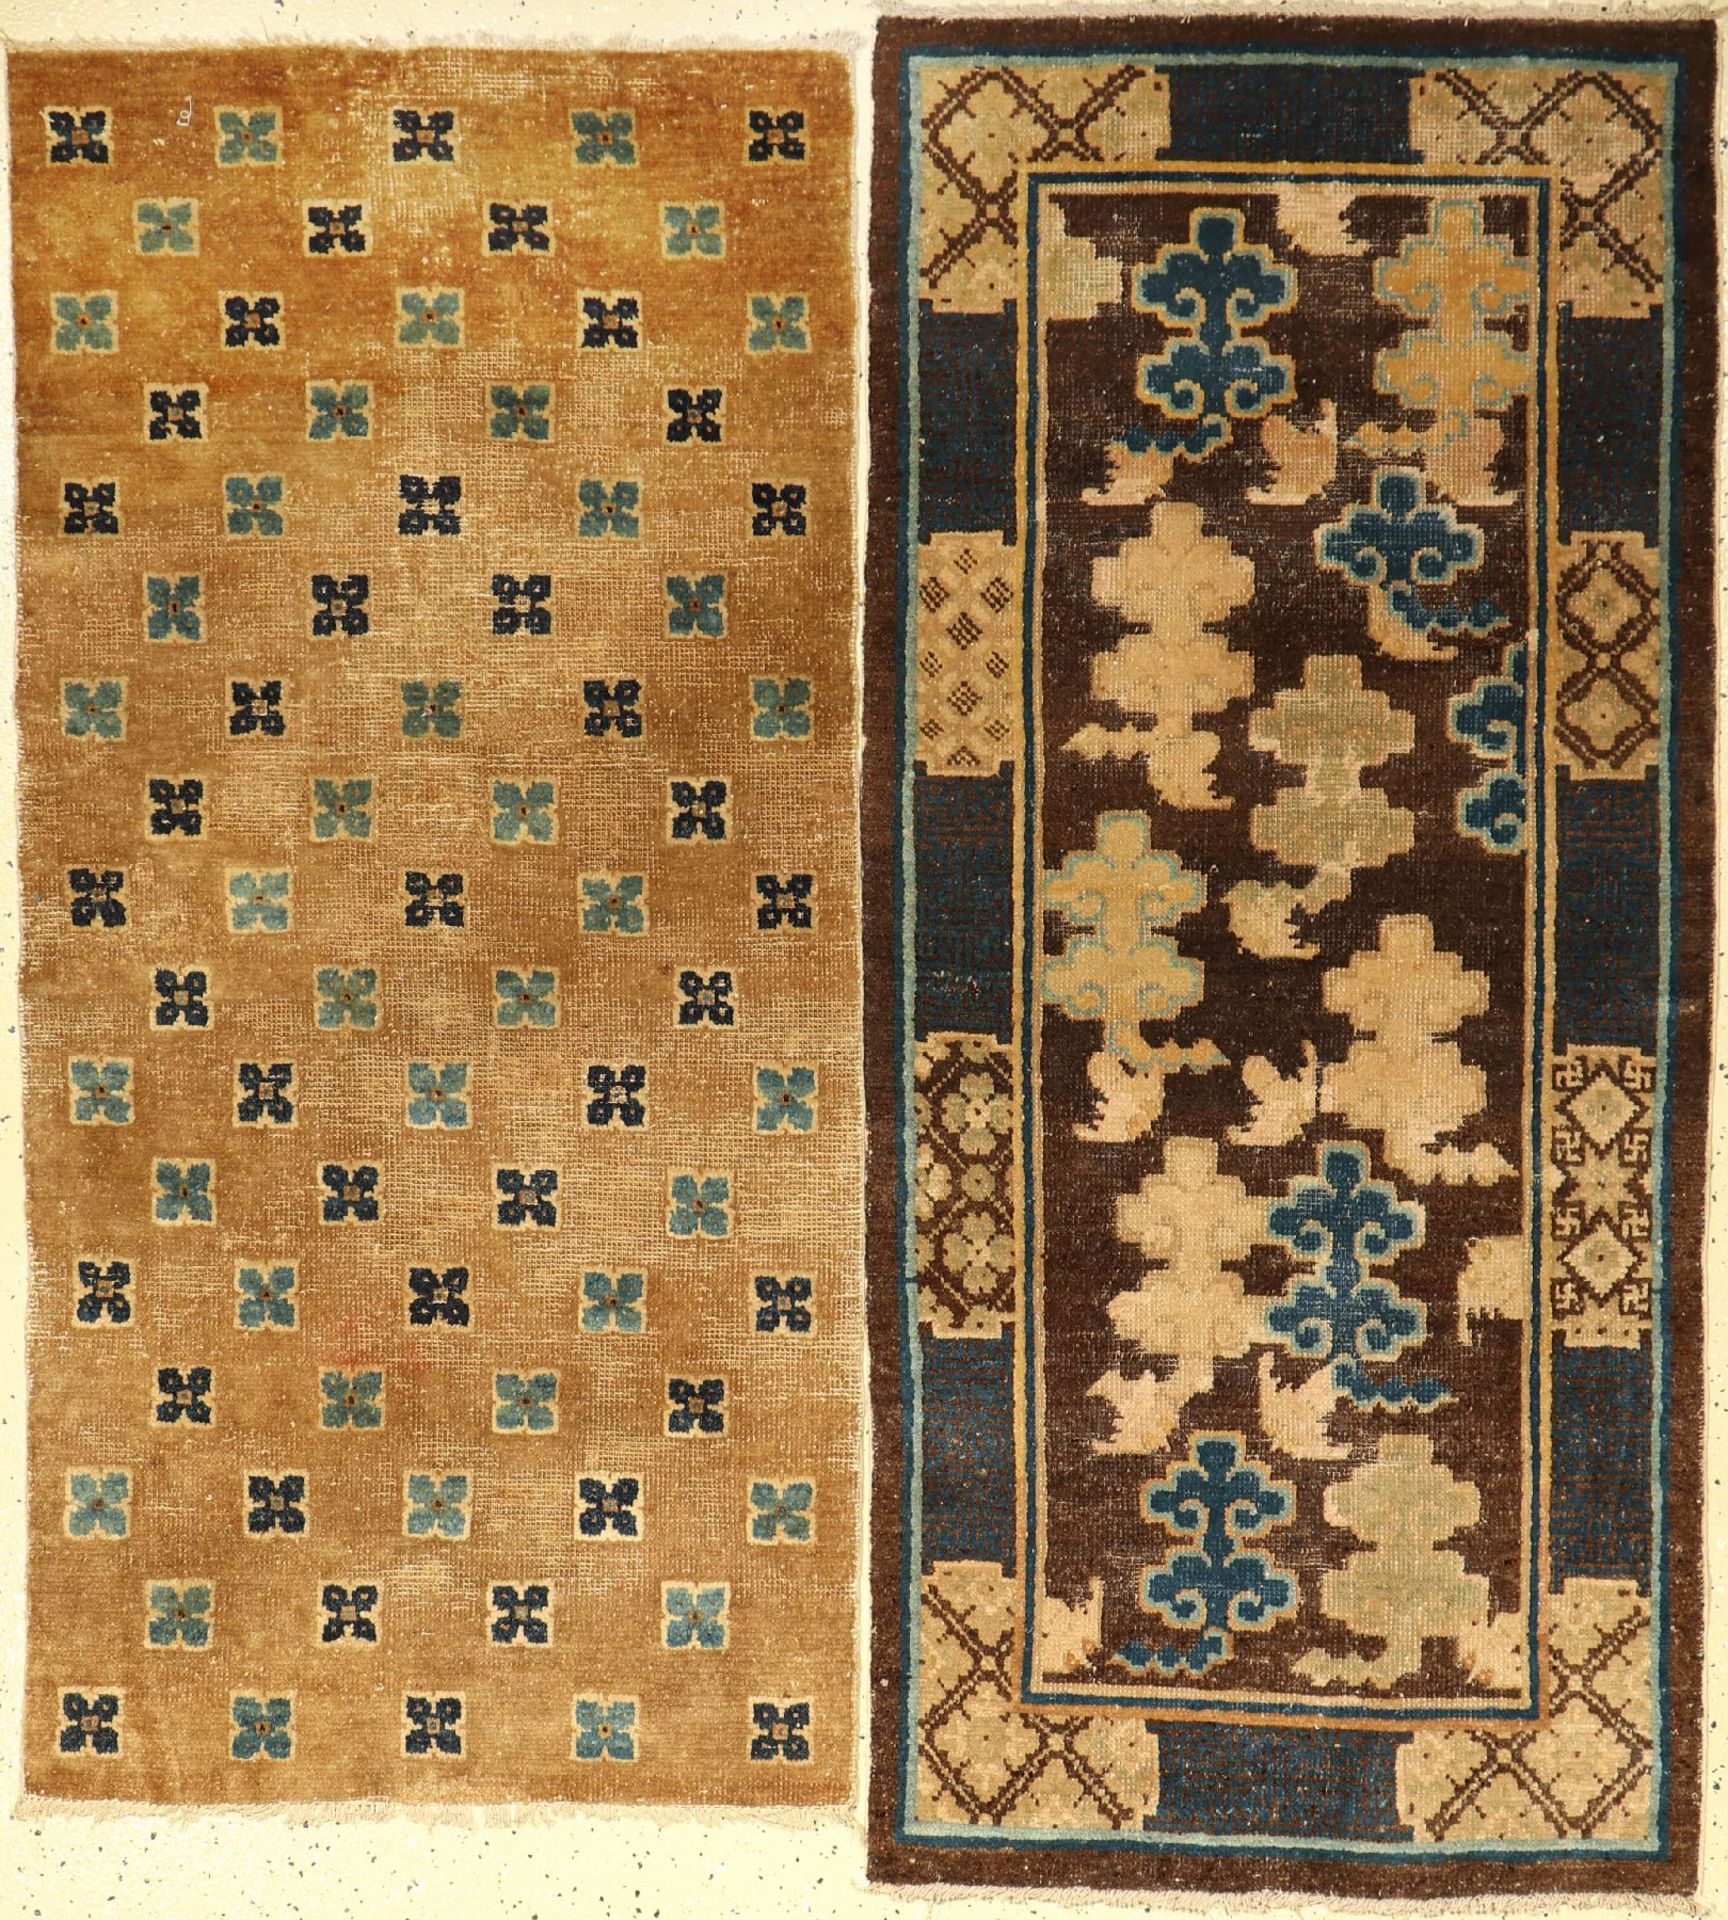 (2 Lots) Chinesische Teppiche antik, China, 19.Jhd., Wolle/Baumwolle, aus der Sammlung Koos de